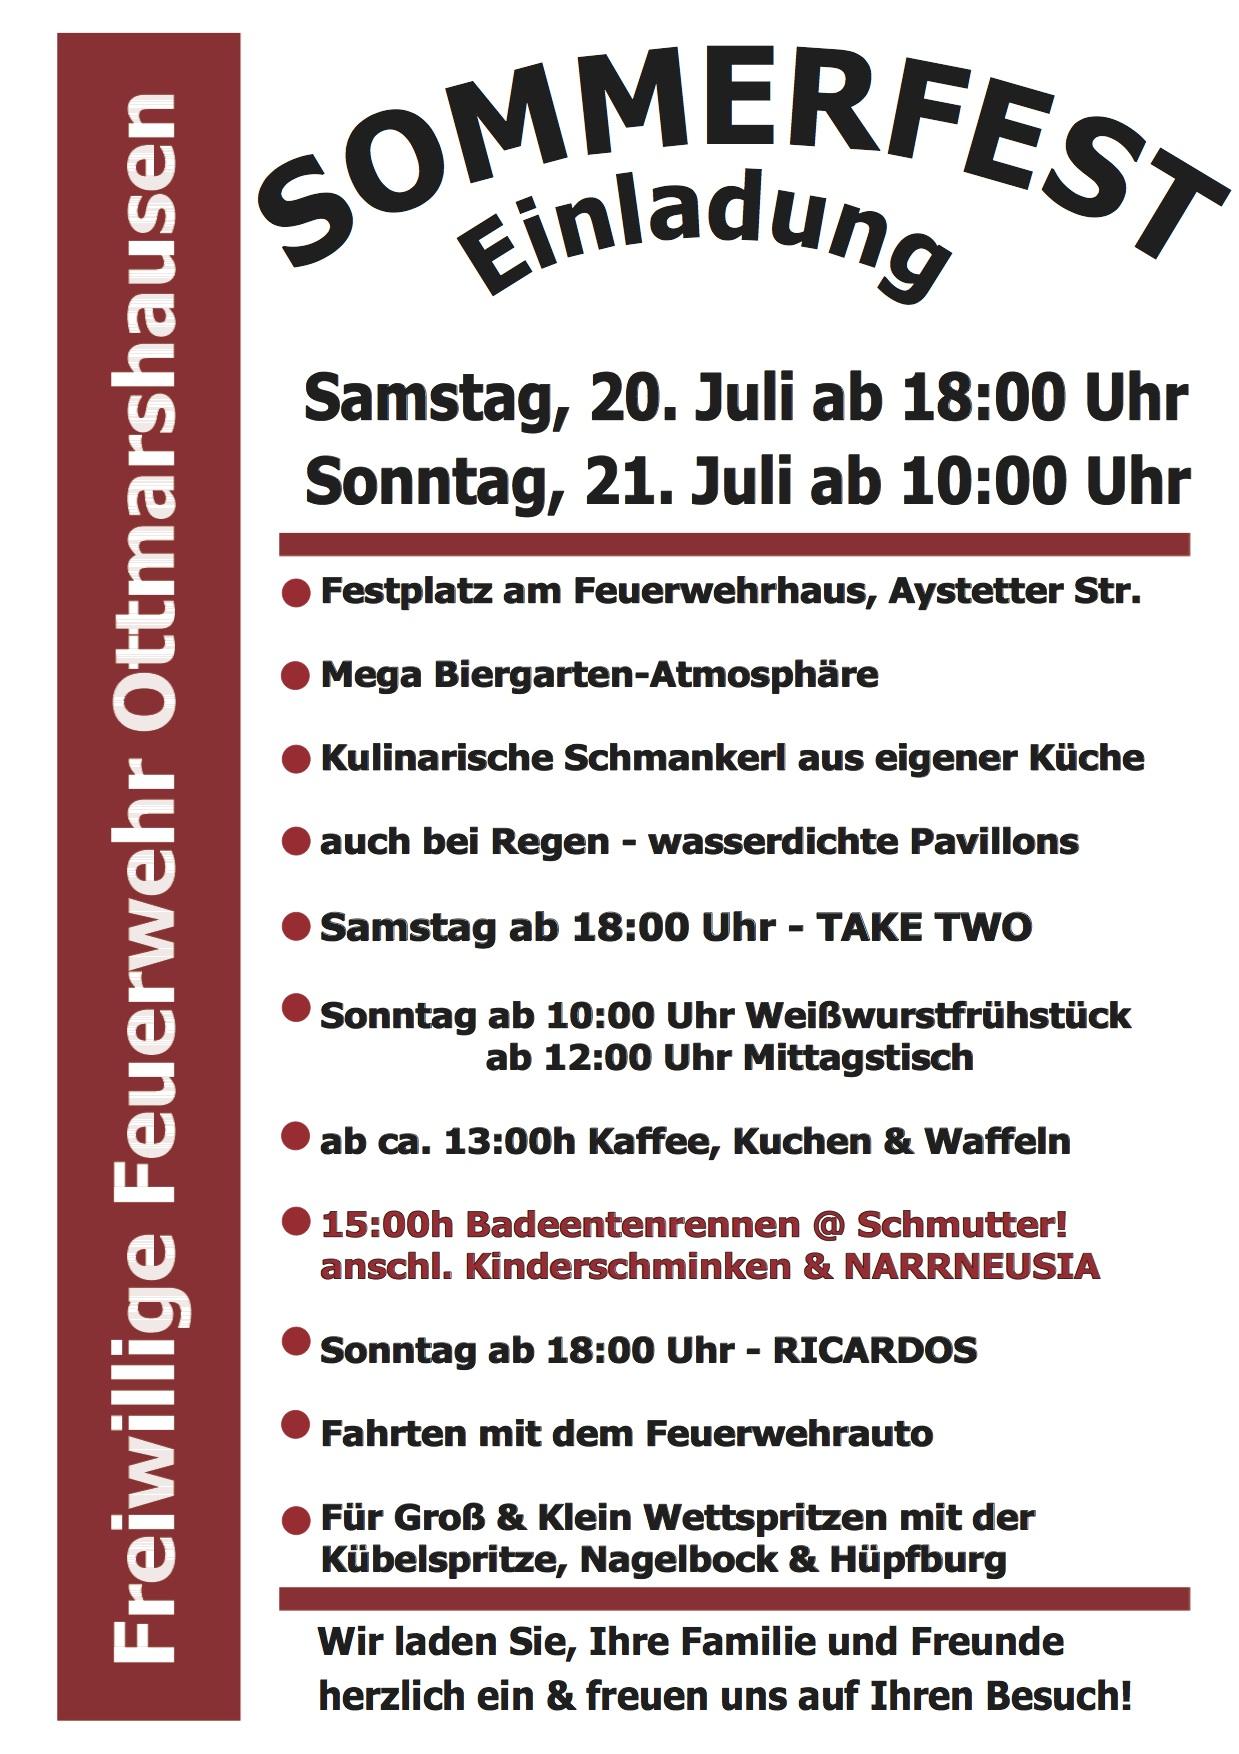 einladung zum sommerfest 2013 – freiwillige feuerwehr ottmarshausen, Einladung